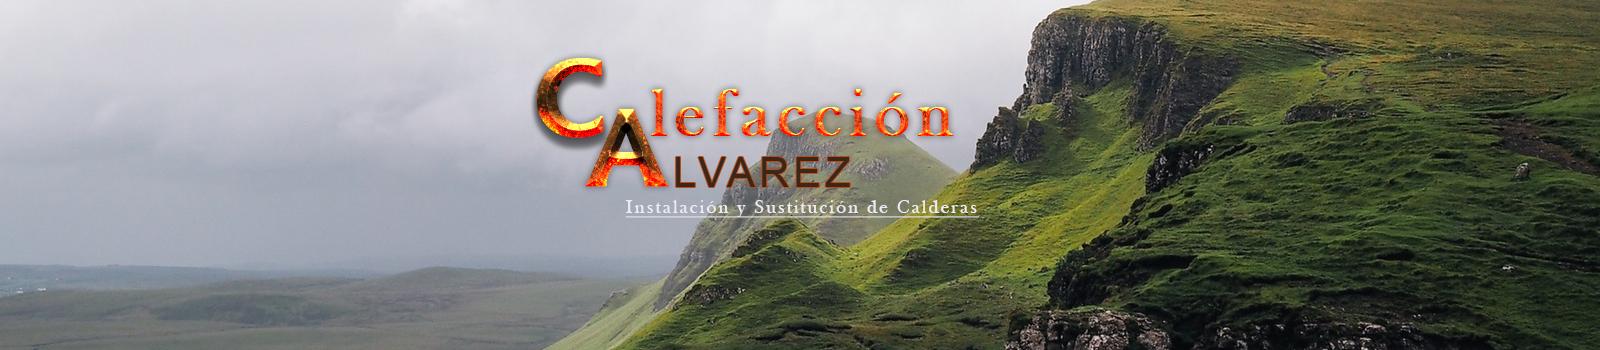 Instalador y sustitución de calderas en Valladolid, vaillant,junkers,saurnier duval,beretta